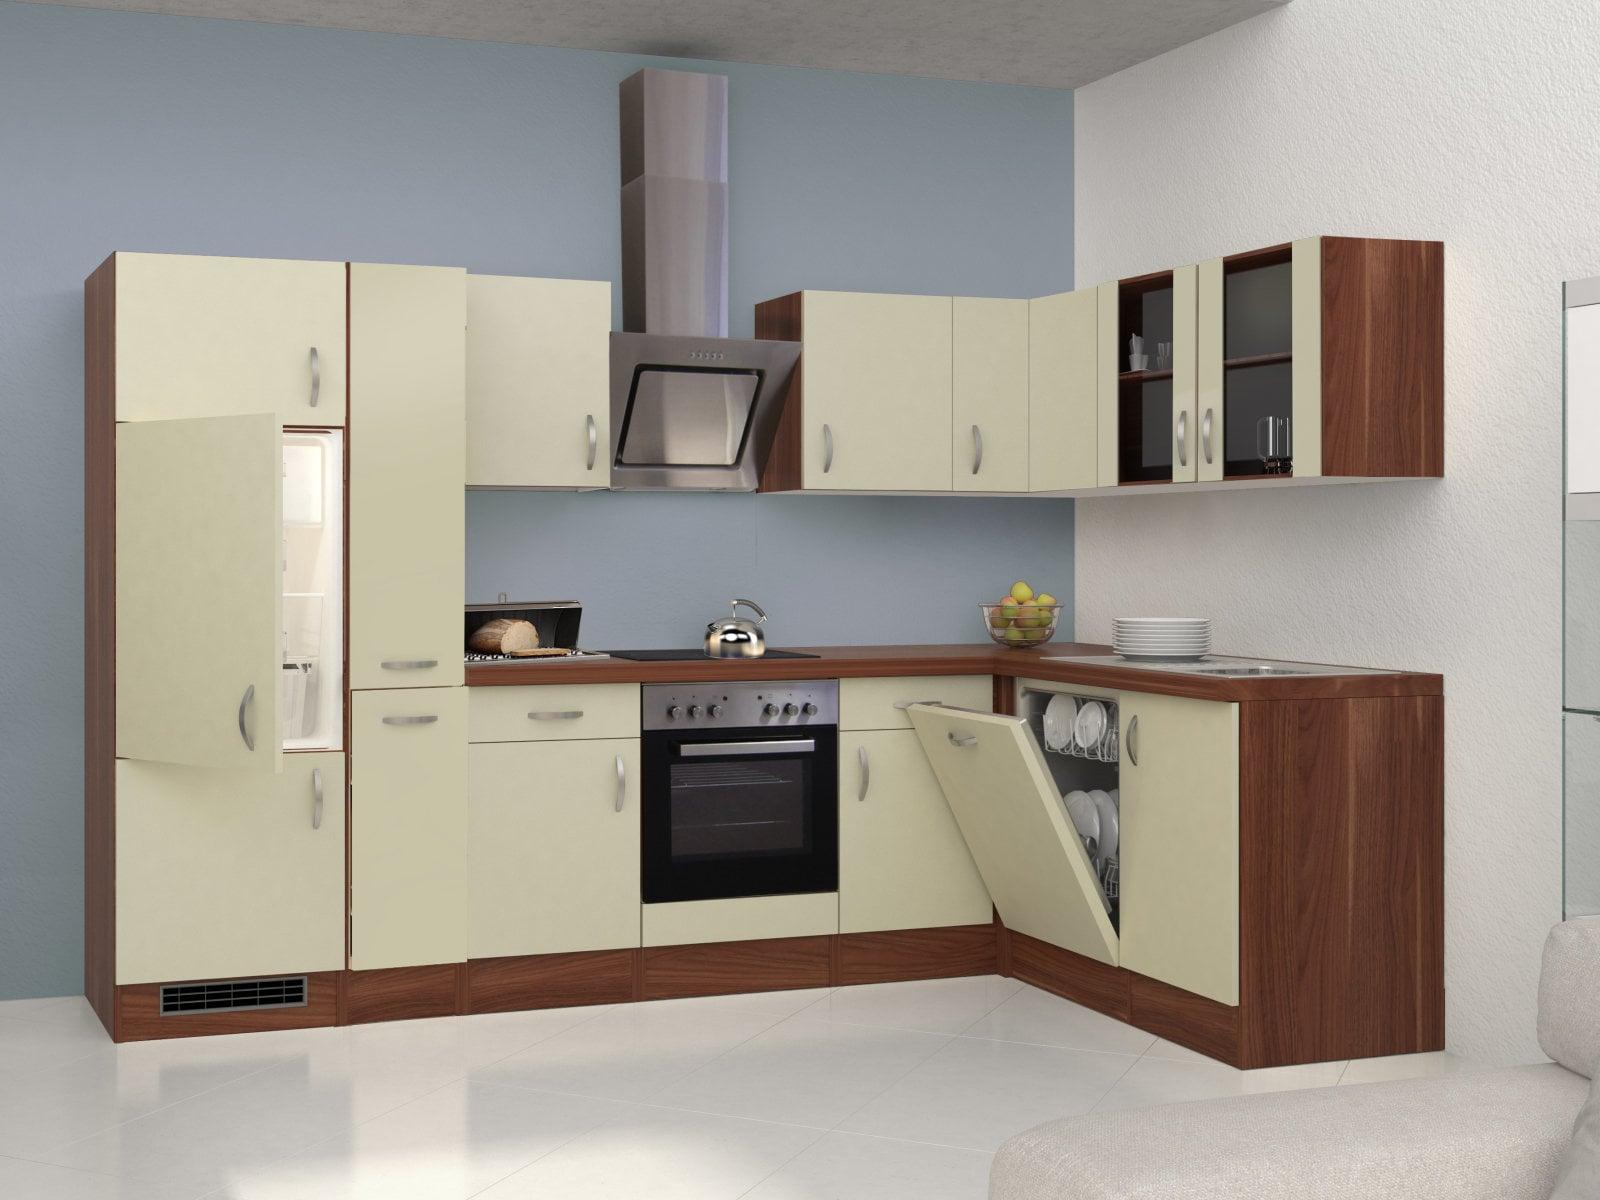 Full Size of Kleine Einbauküche über Eck Kleine Einbauküche Mit Waschmaschine Einbauküche Für Kleine Küche Kleine Einbauküche Kosten Küche Kleine Einbauküche